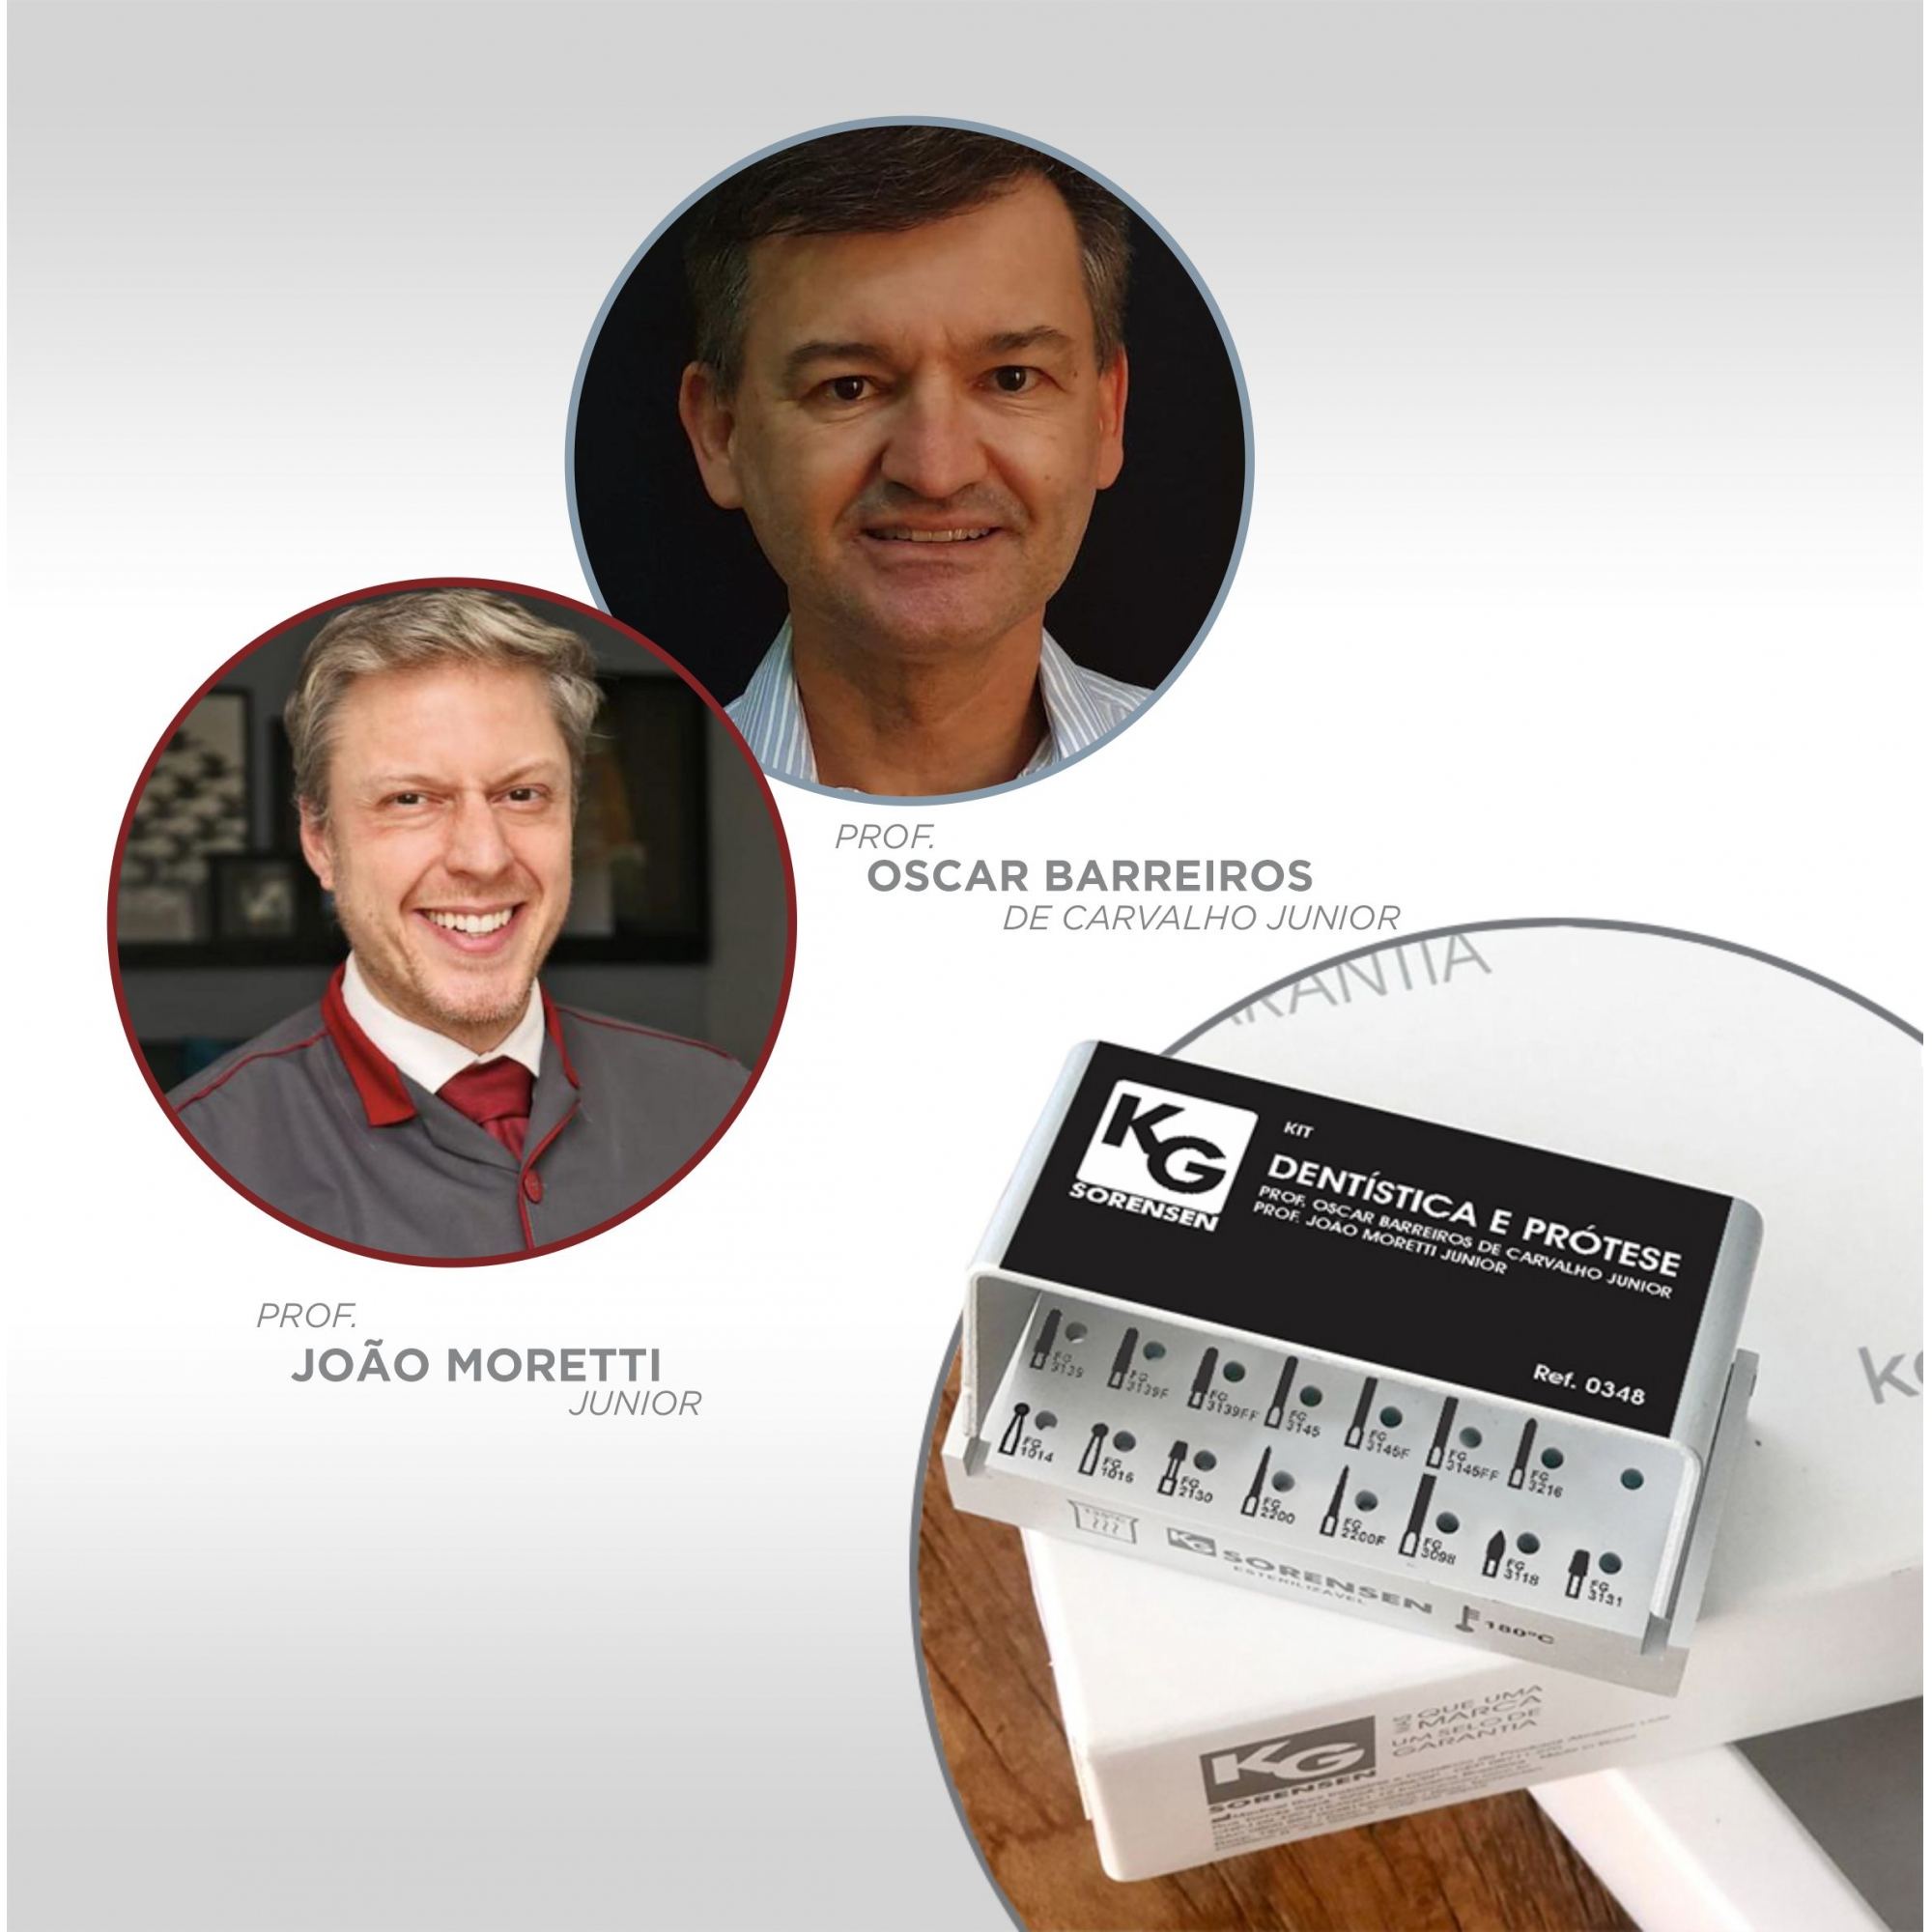 Kit Dentística e Prótese - Prof. Oscar Barreiros de Carvalho Junior e Prof. João Moretti Junior - Ref.: 0348 - KG SORENSEN